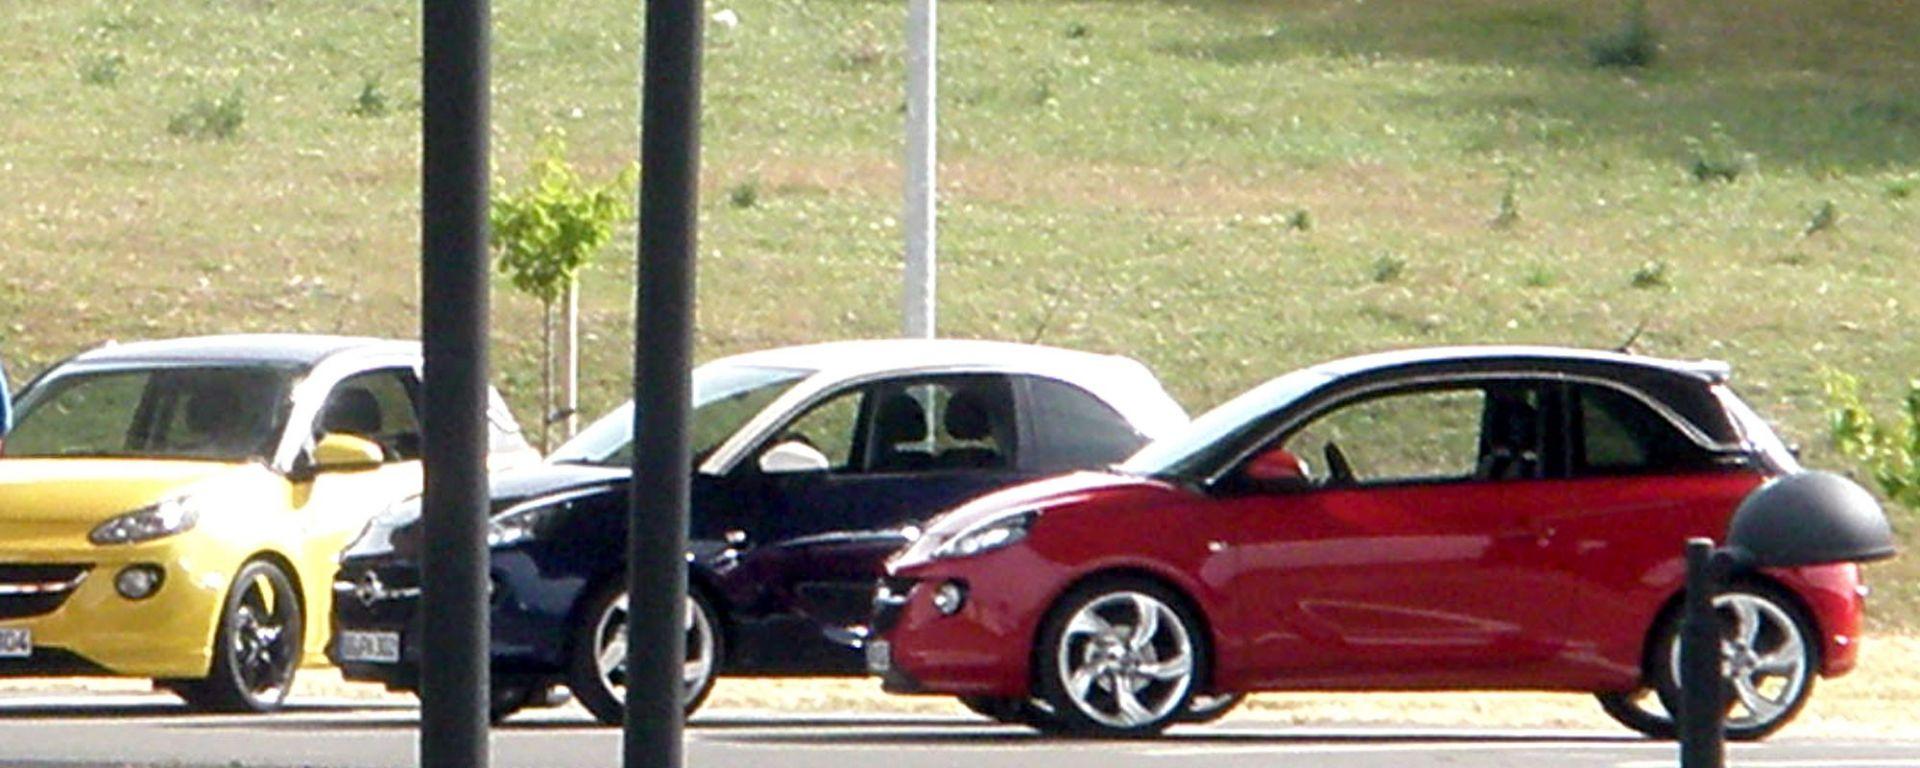 Opel Adam, prime foto a nudo